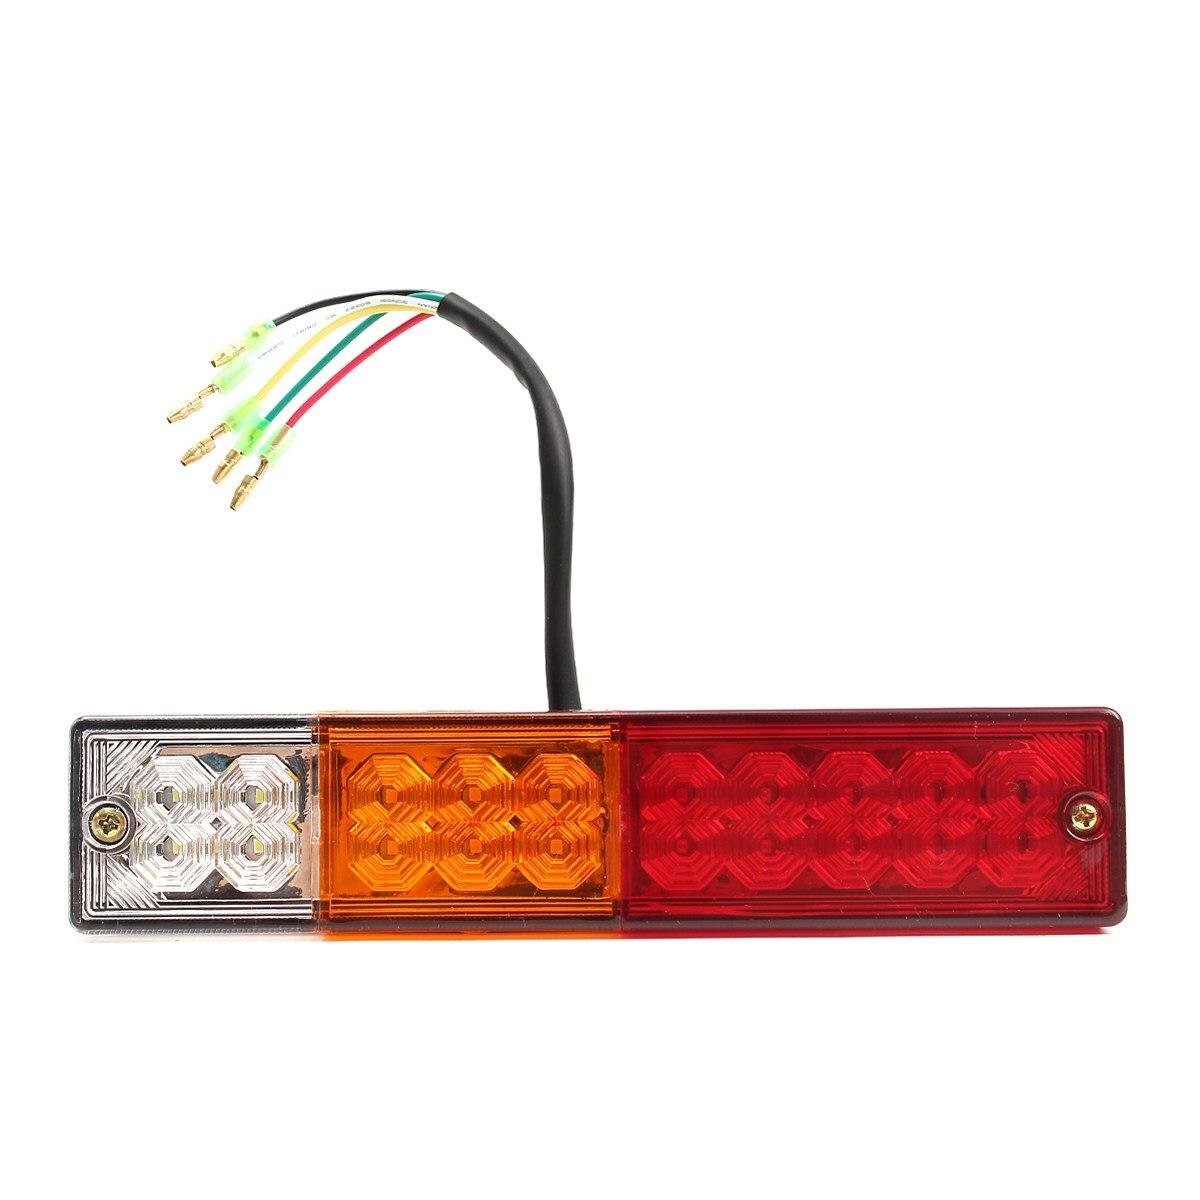 1Pcs Car Rear Tail Light 20 LEDS 12V 24V  Reversing Brake Turn Signal Lamp Indicator For Trailer Truck Caravan Tail Light 2pcs truck light 4 leds lamp